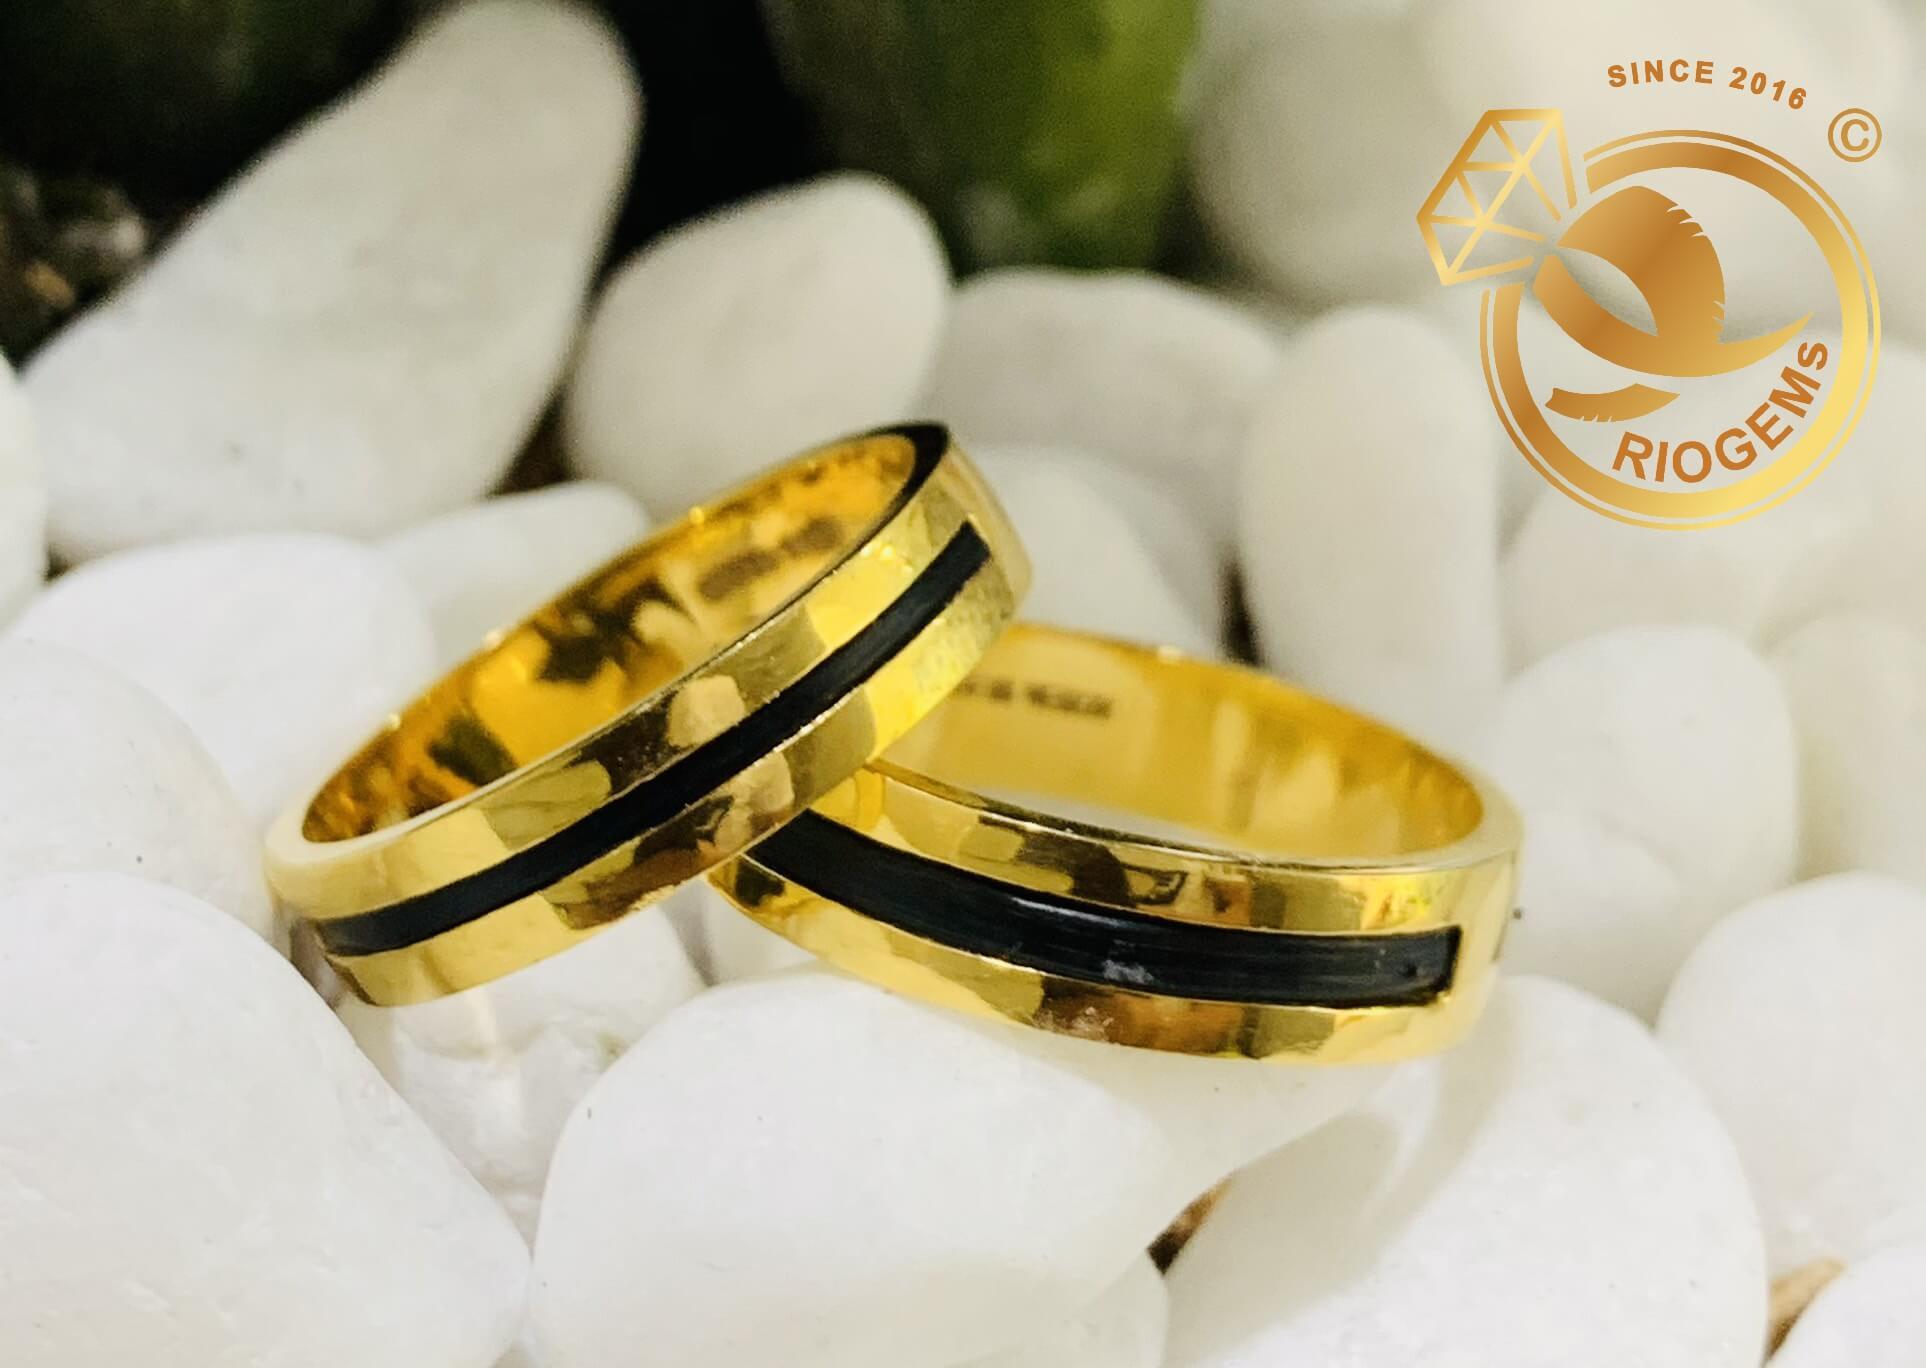 Cặp nhẫn vàng vuông đơn giản làm tay luồng 1 lông hợp mệnh